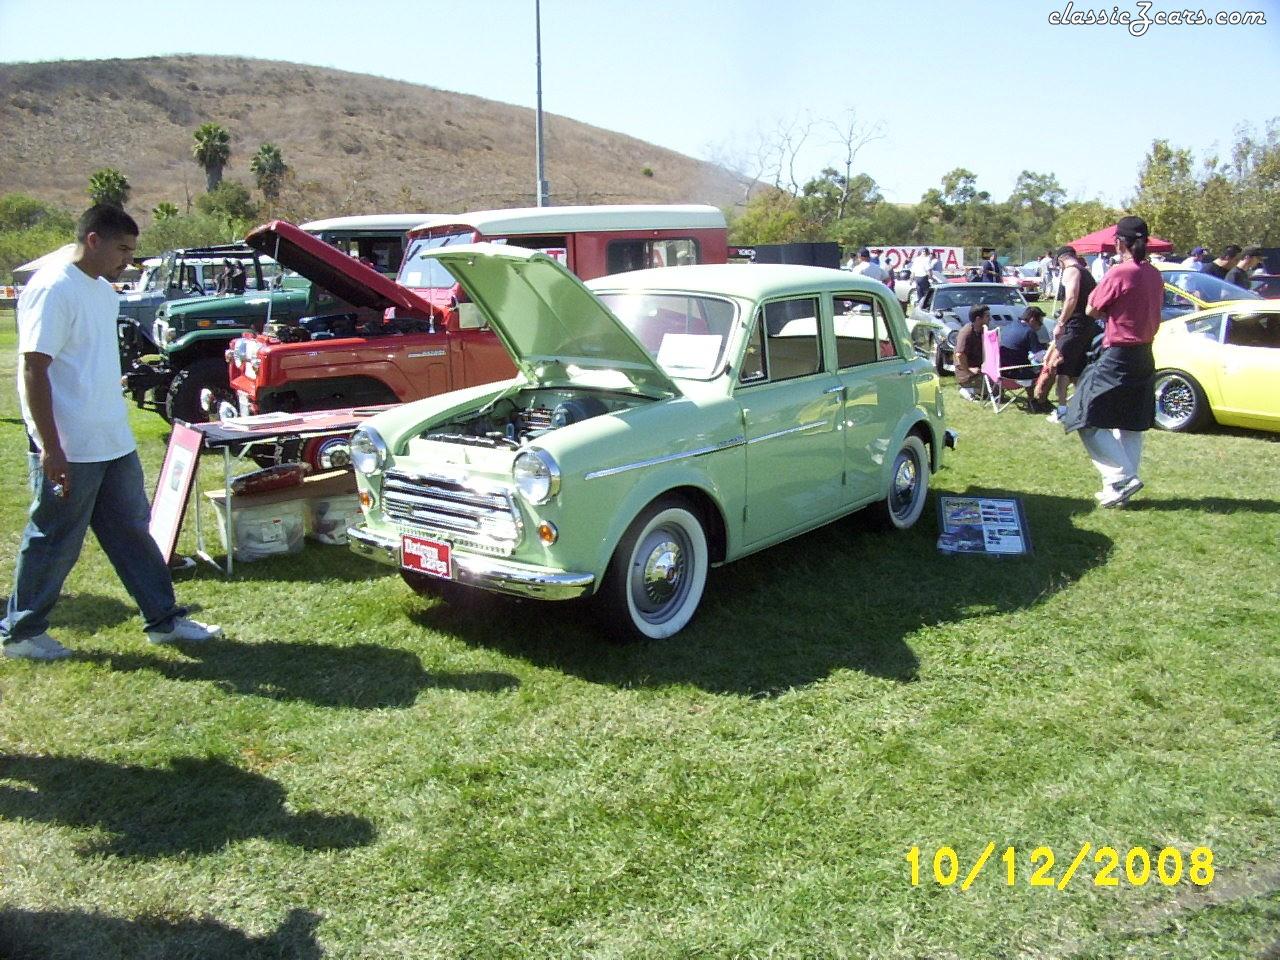 2008 Japanese Classic Car Show-Irvine, CA 9/12